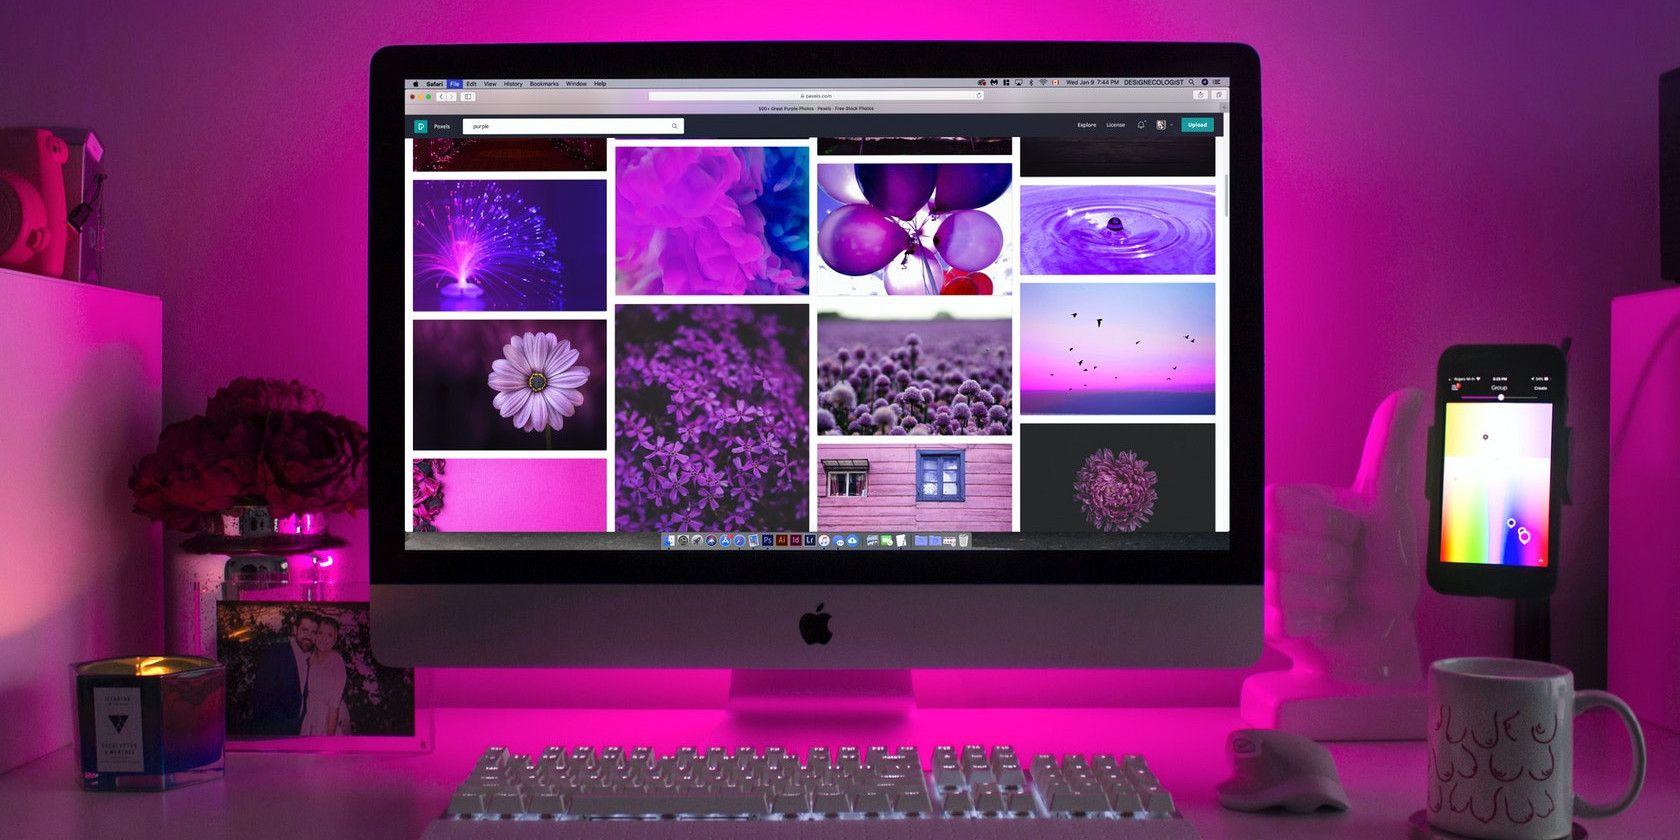 www.makeuseof.com